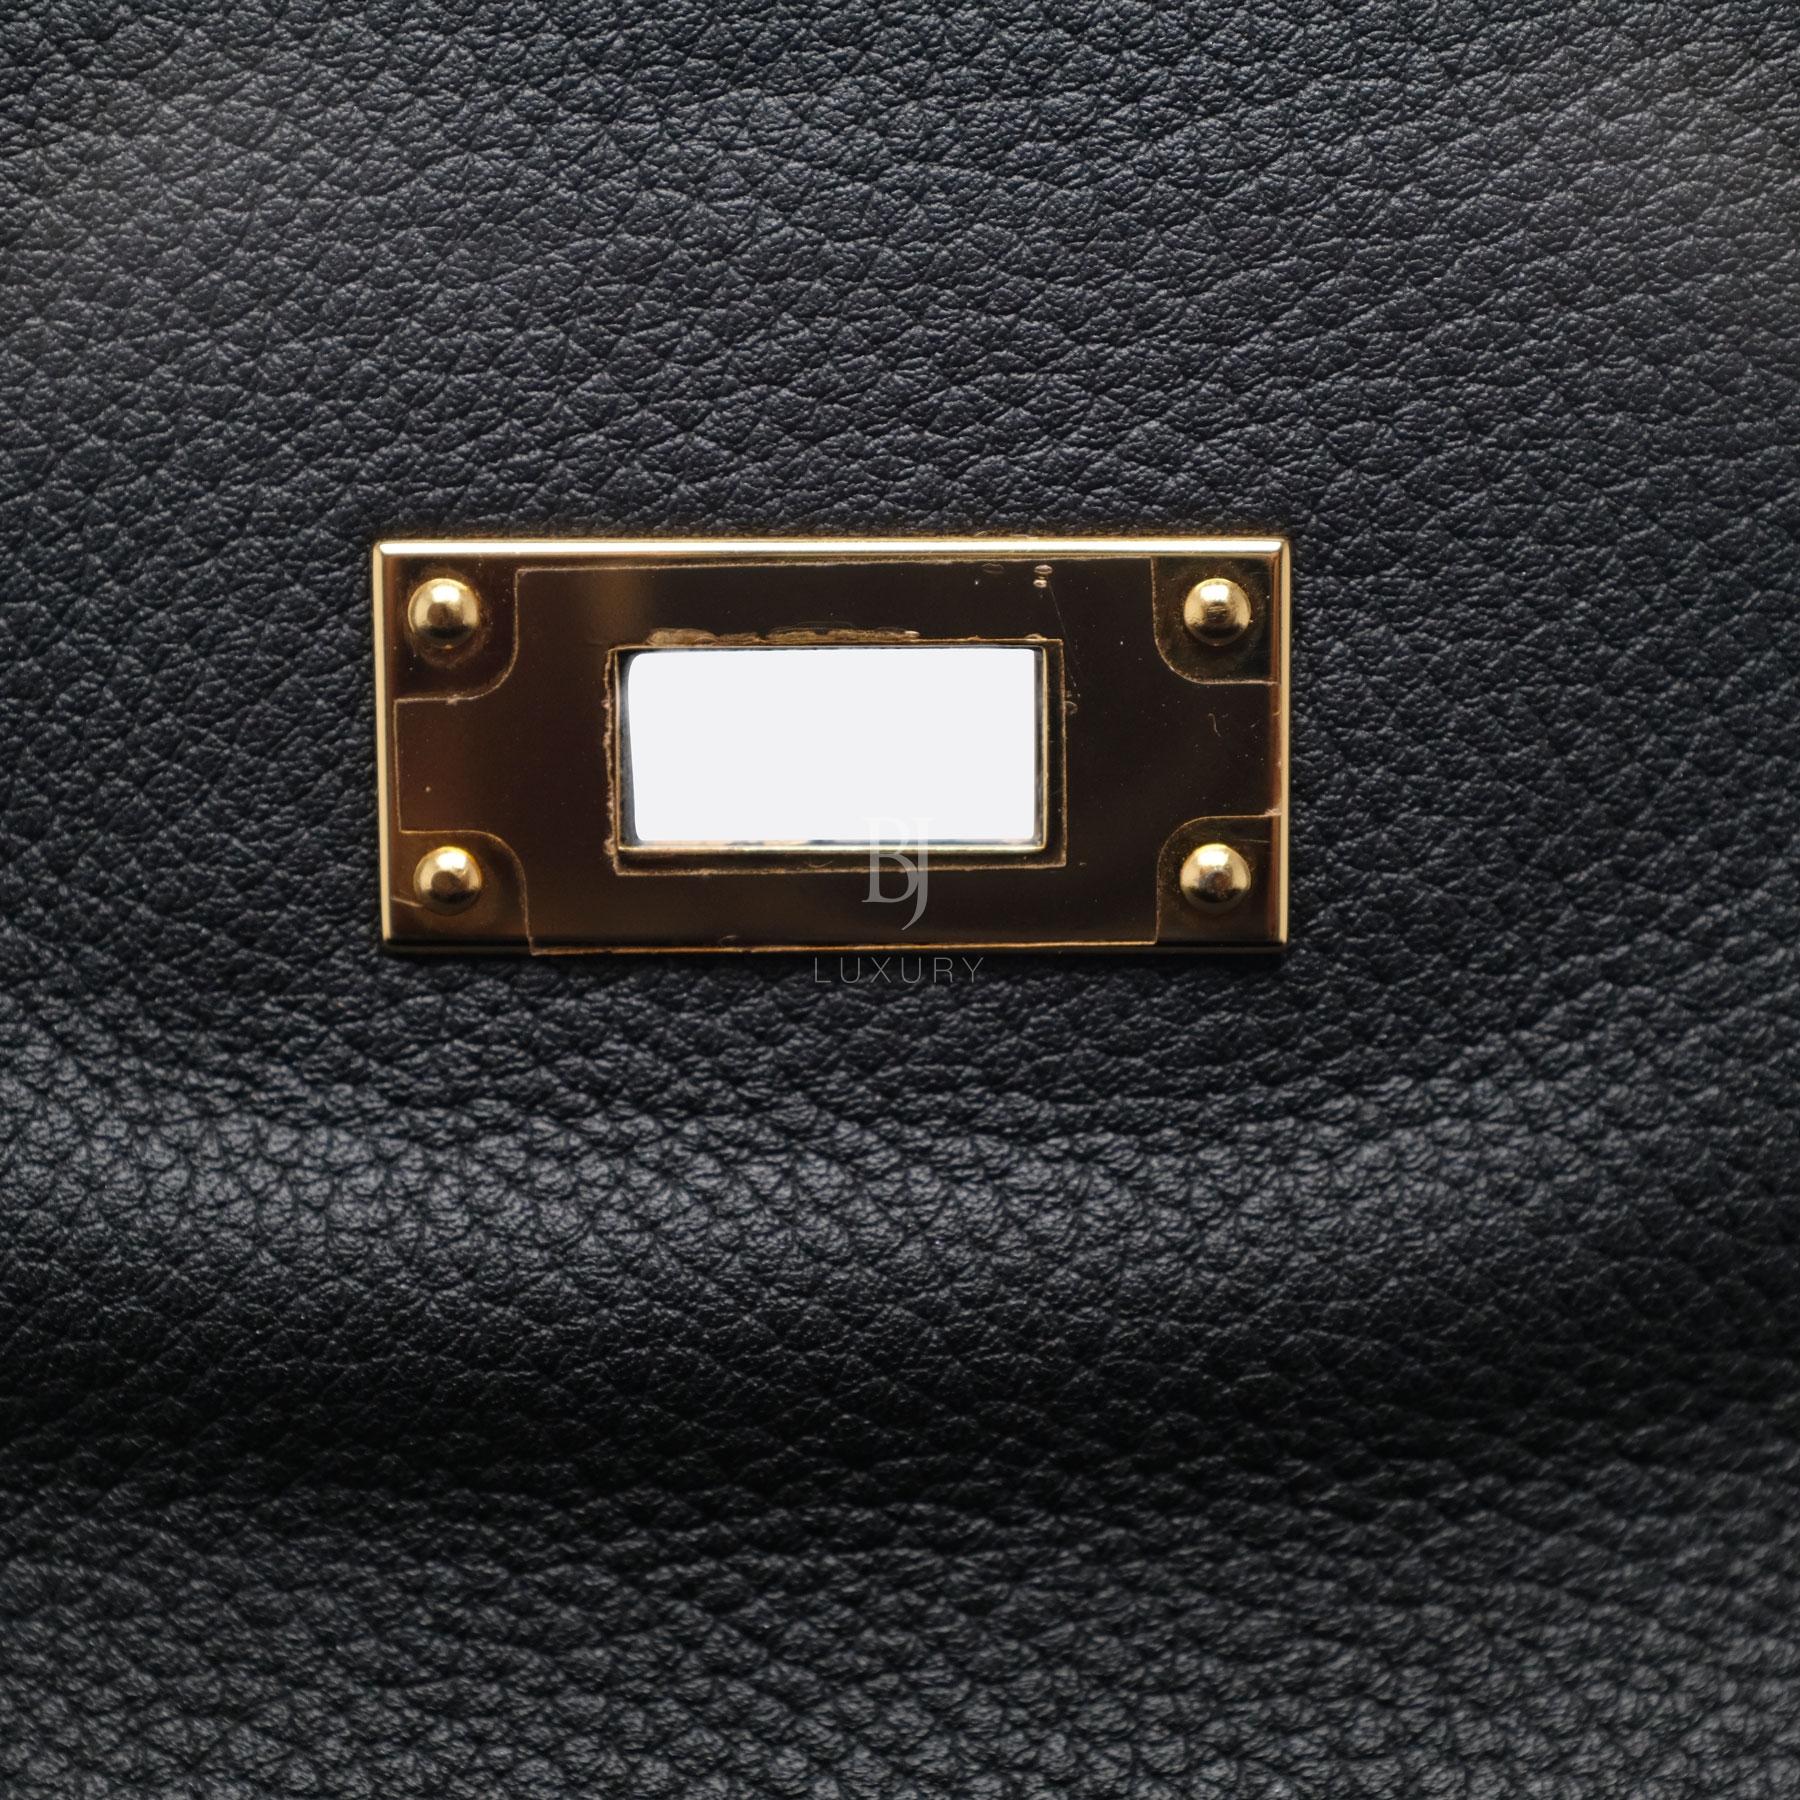 HERMES-KELLYRETOURNE-32-BLACK-TOGO-DSCF9051.jpg